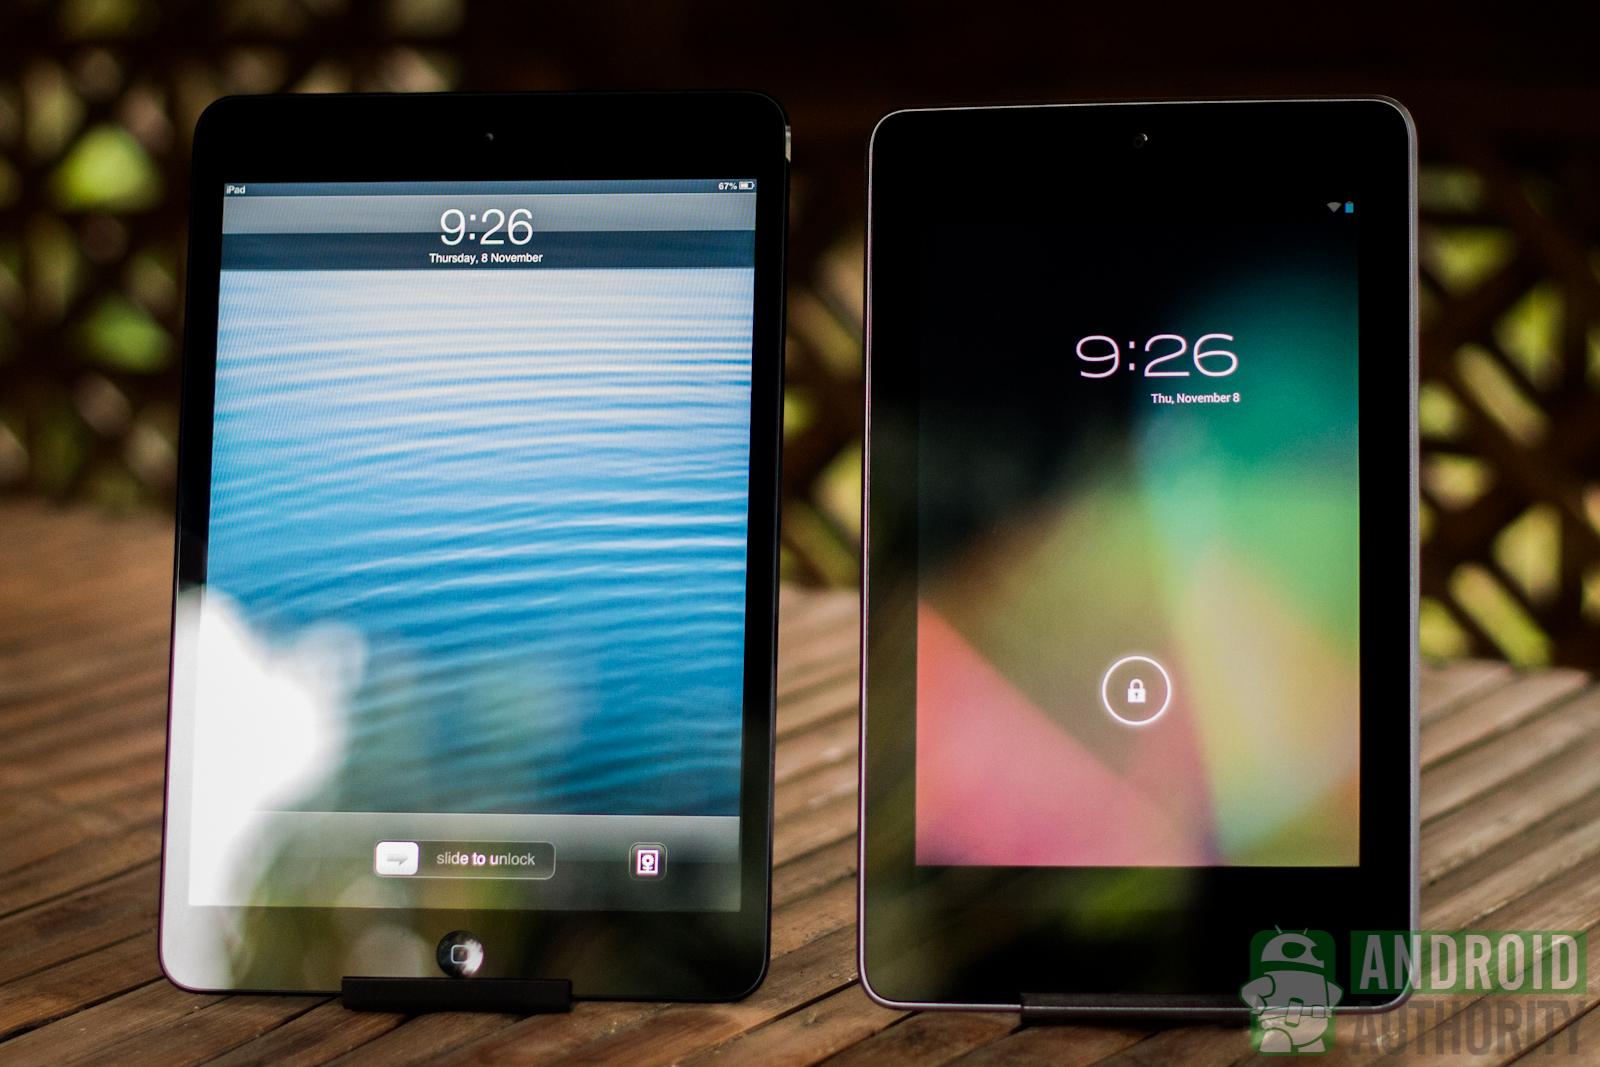 Nexus 7 vs ipad air